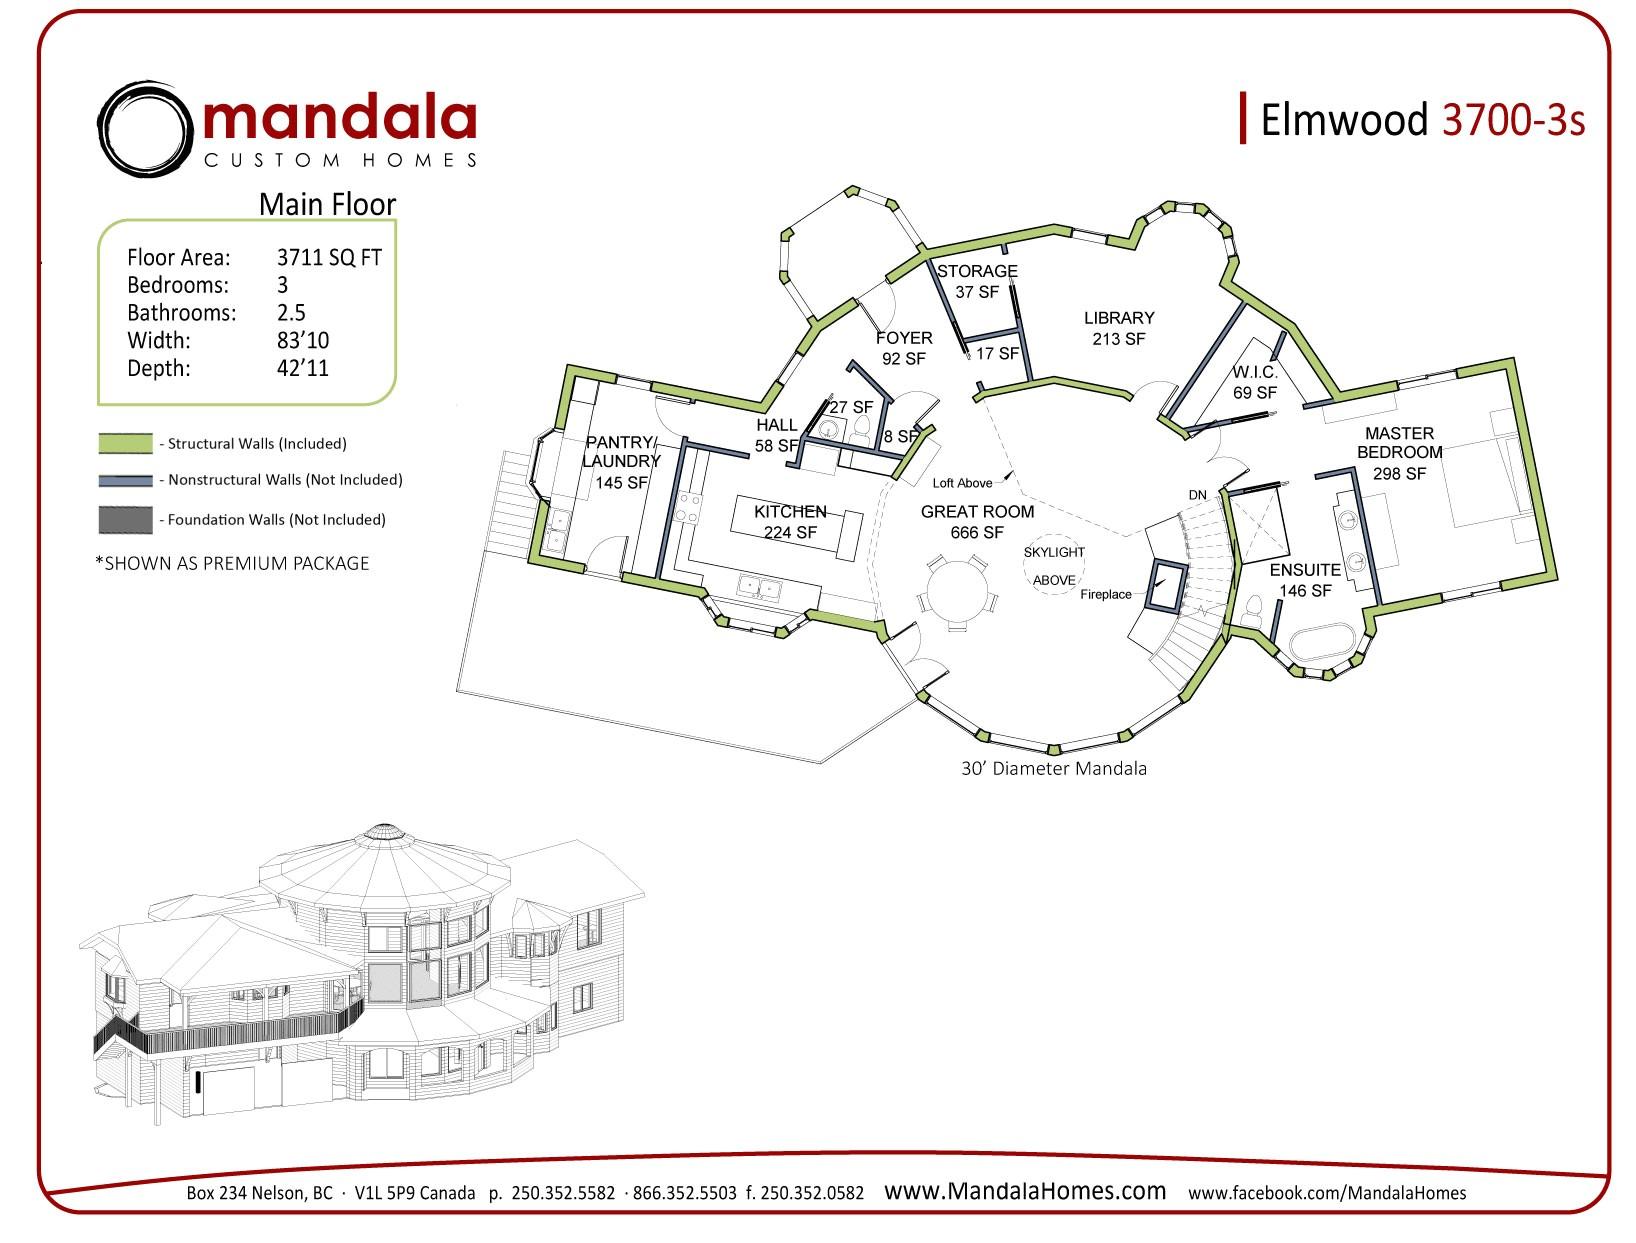 elmwood series floor plans